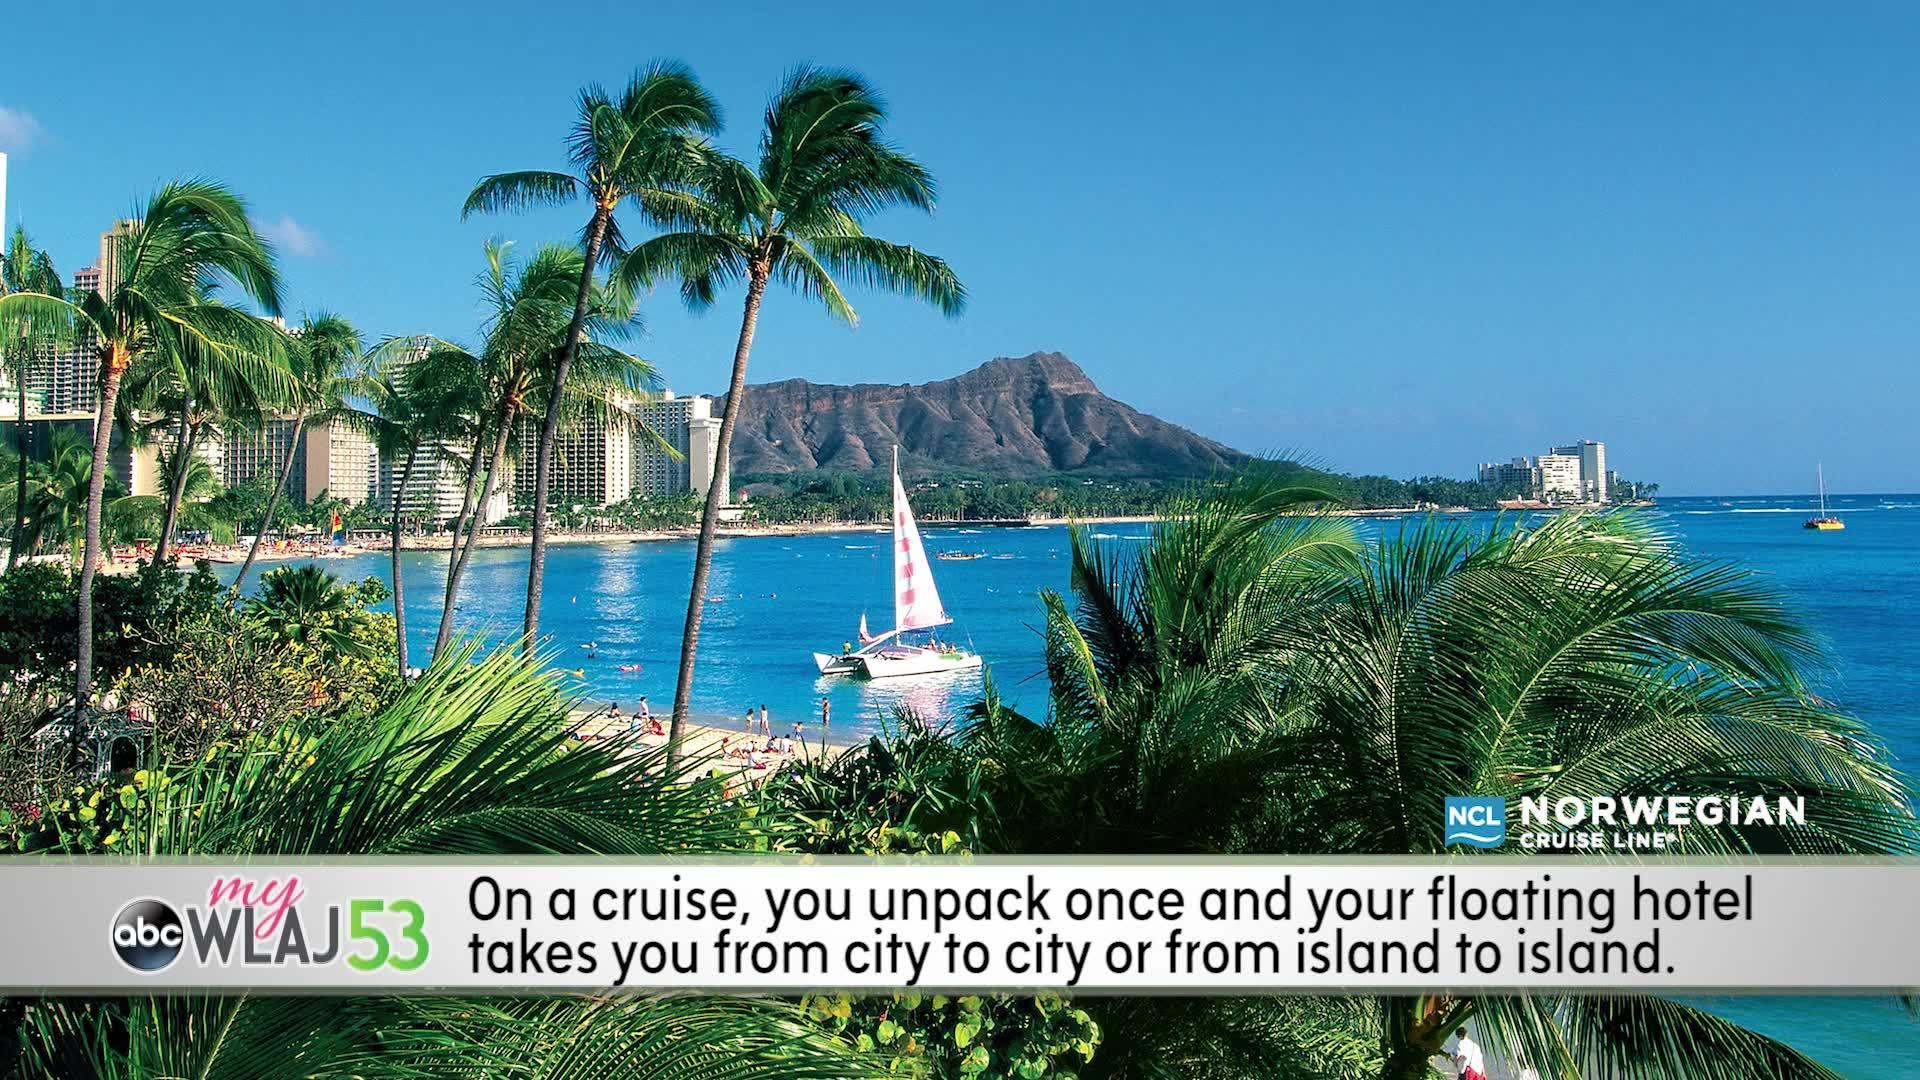 My Travel | Why Cruise Norwegian Cruise